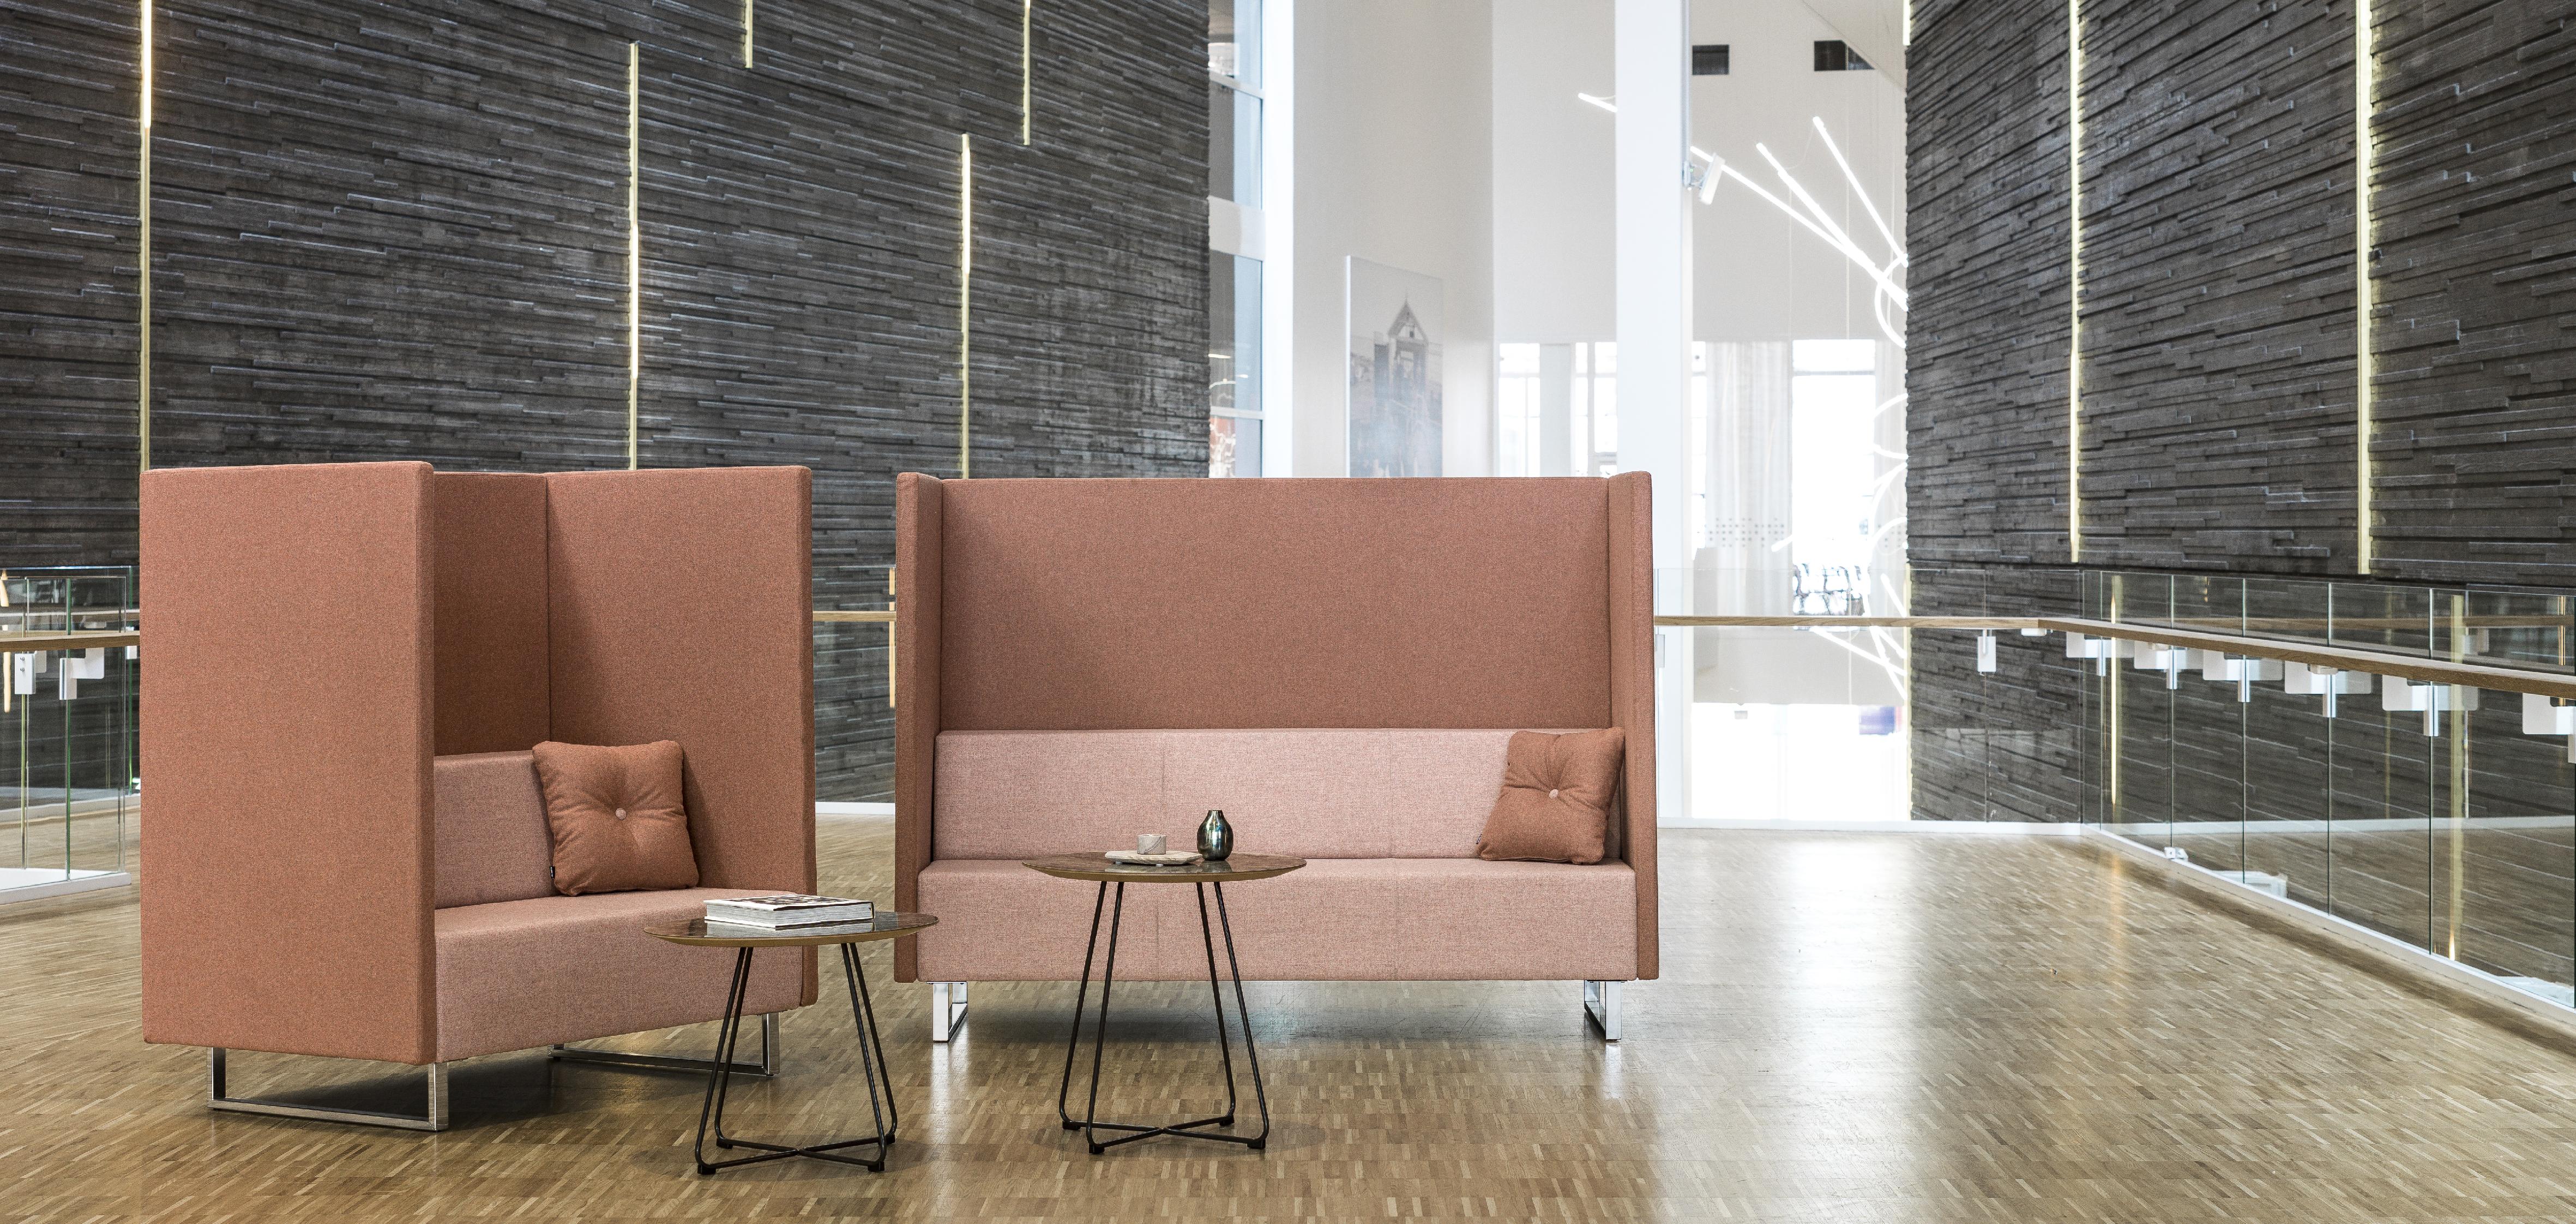 LOUNGE, ventemøbler, hvilemøbler, lounge puf køb Jeres lounge møbler ...